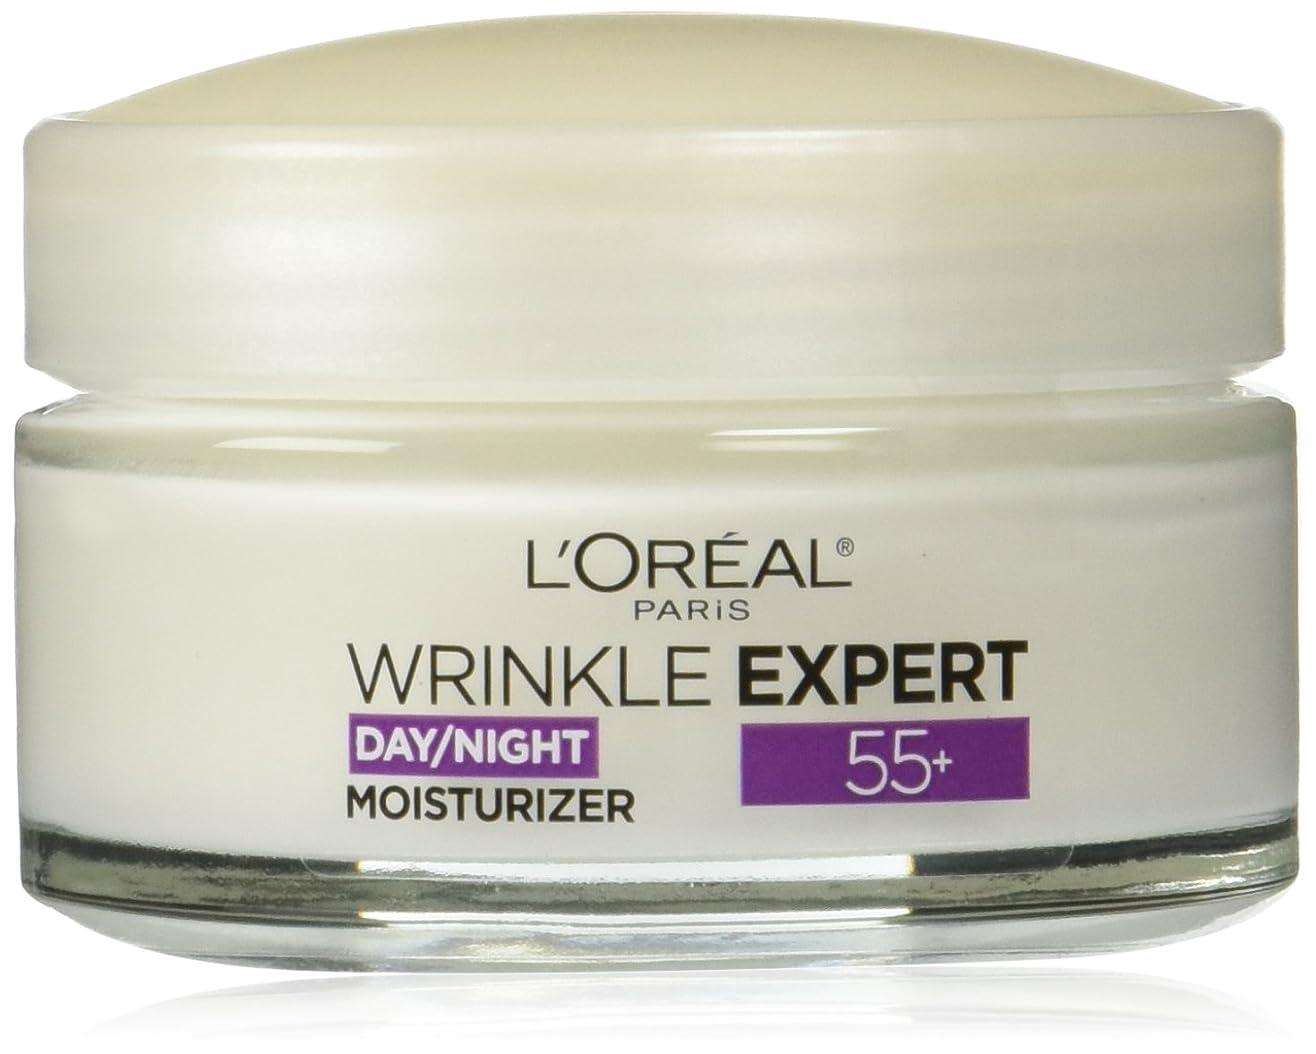 推進力引き渡す受けるL'Oreal Paris Wrinkle Expert 55+ Day/Night Moisturizer, 1.7 oz(48g) ロレアル リンクルエキスパート55+